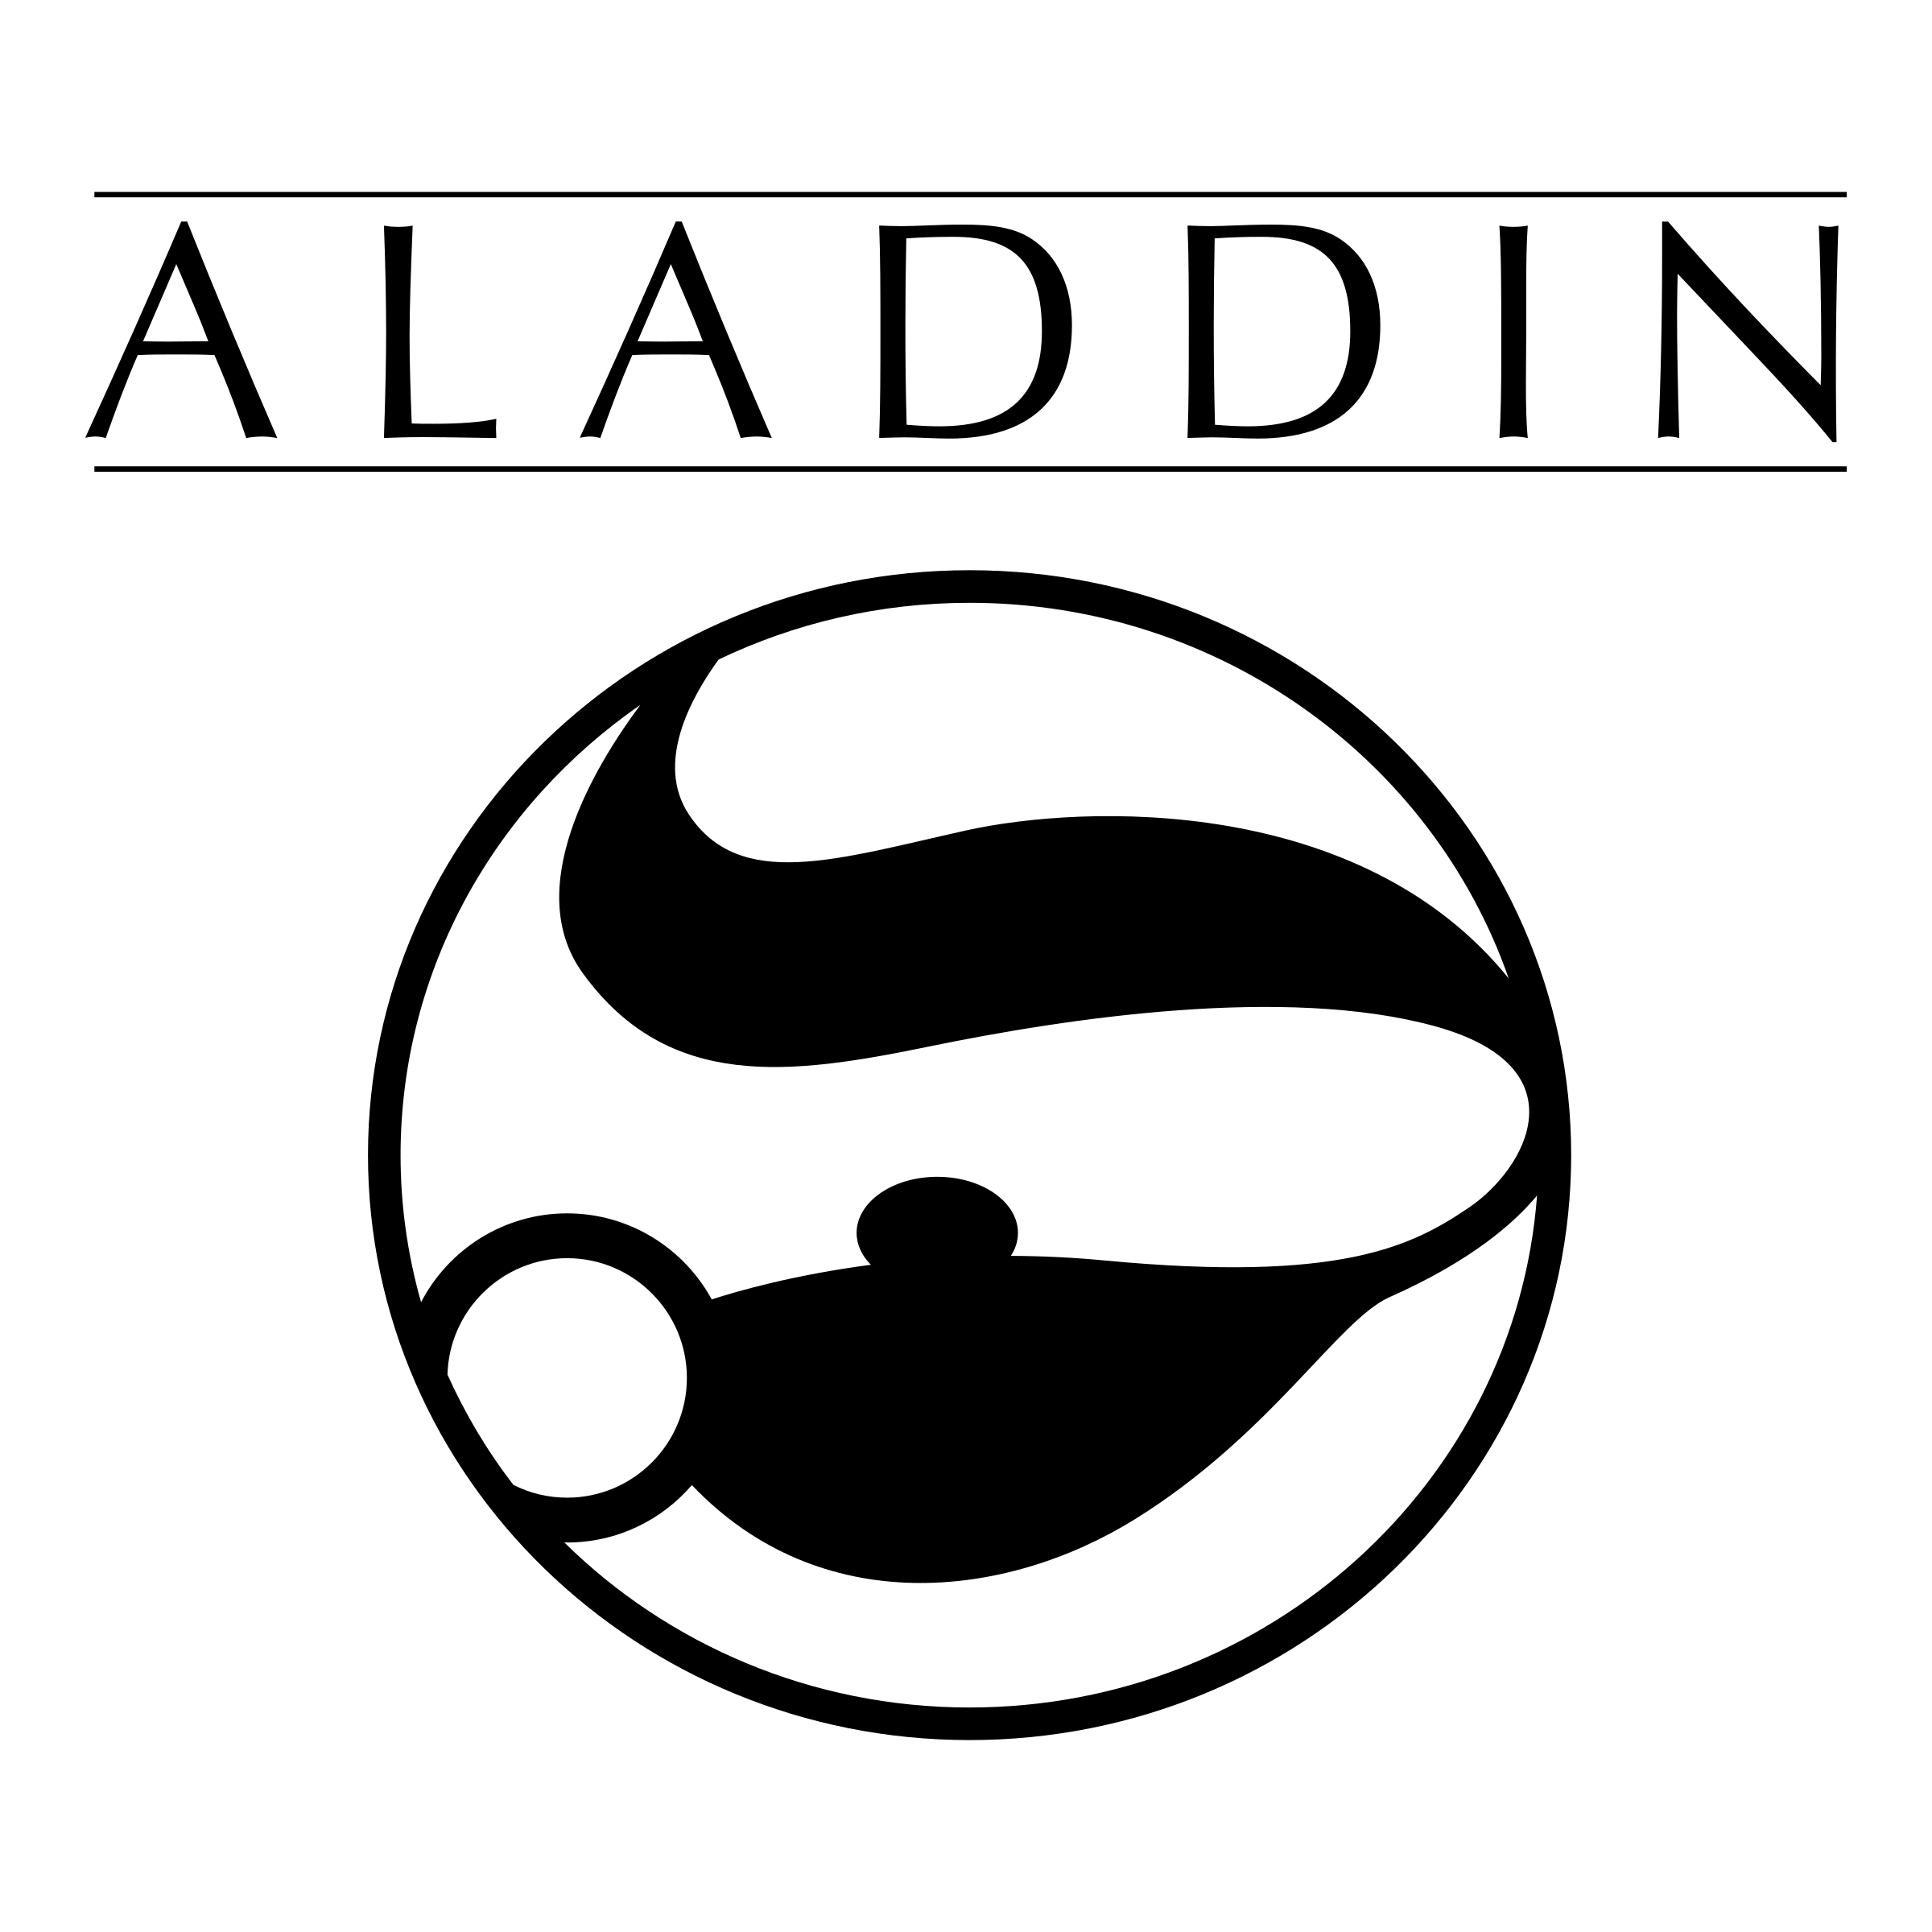 Aladdin Logo PNG Transparent  for Aladdin Logo Vector  11lplpg